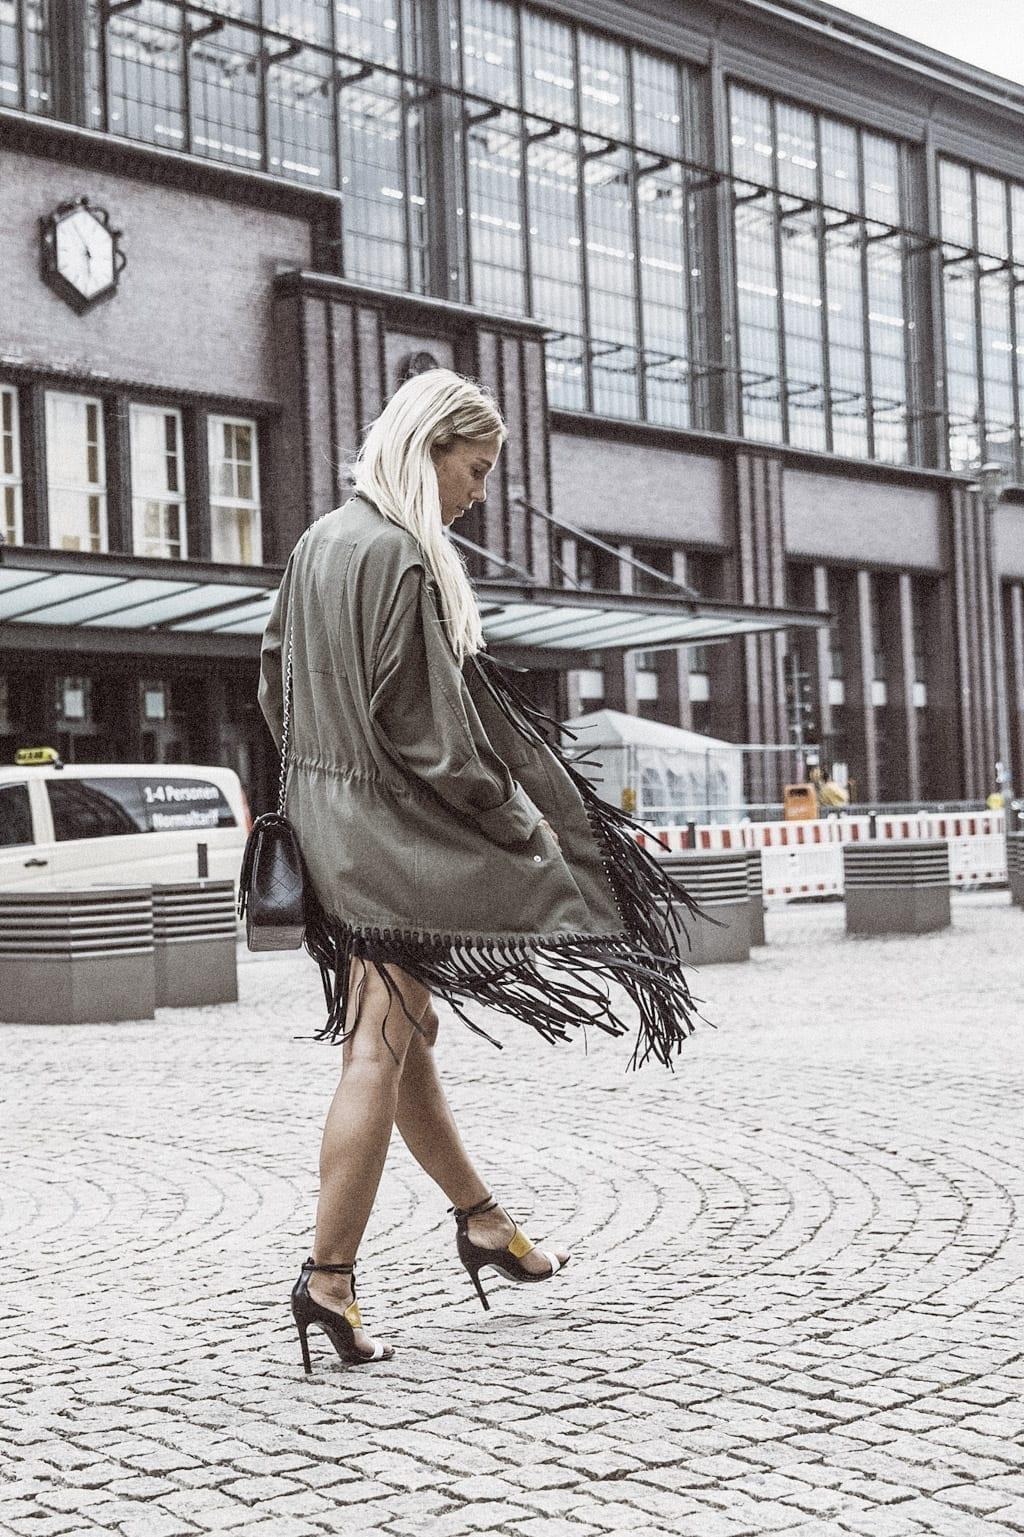 CK-1606_Berlin-Fashion-Week-Street-Style-Photography-Karin-Kaswurm-fashion-spring-summer-1654